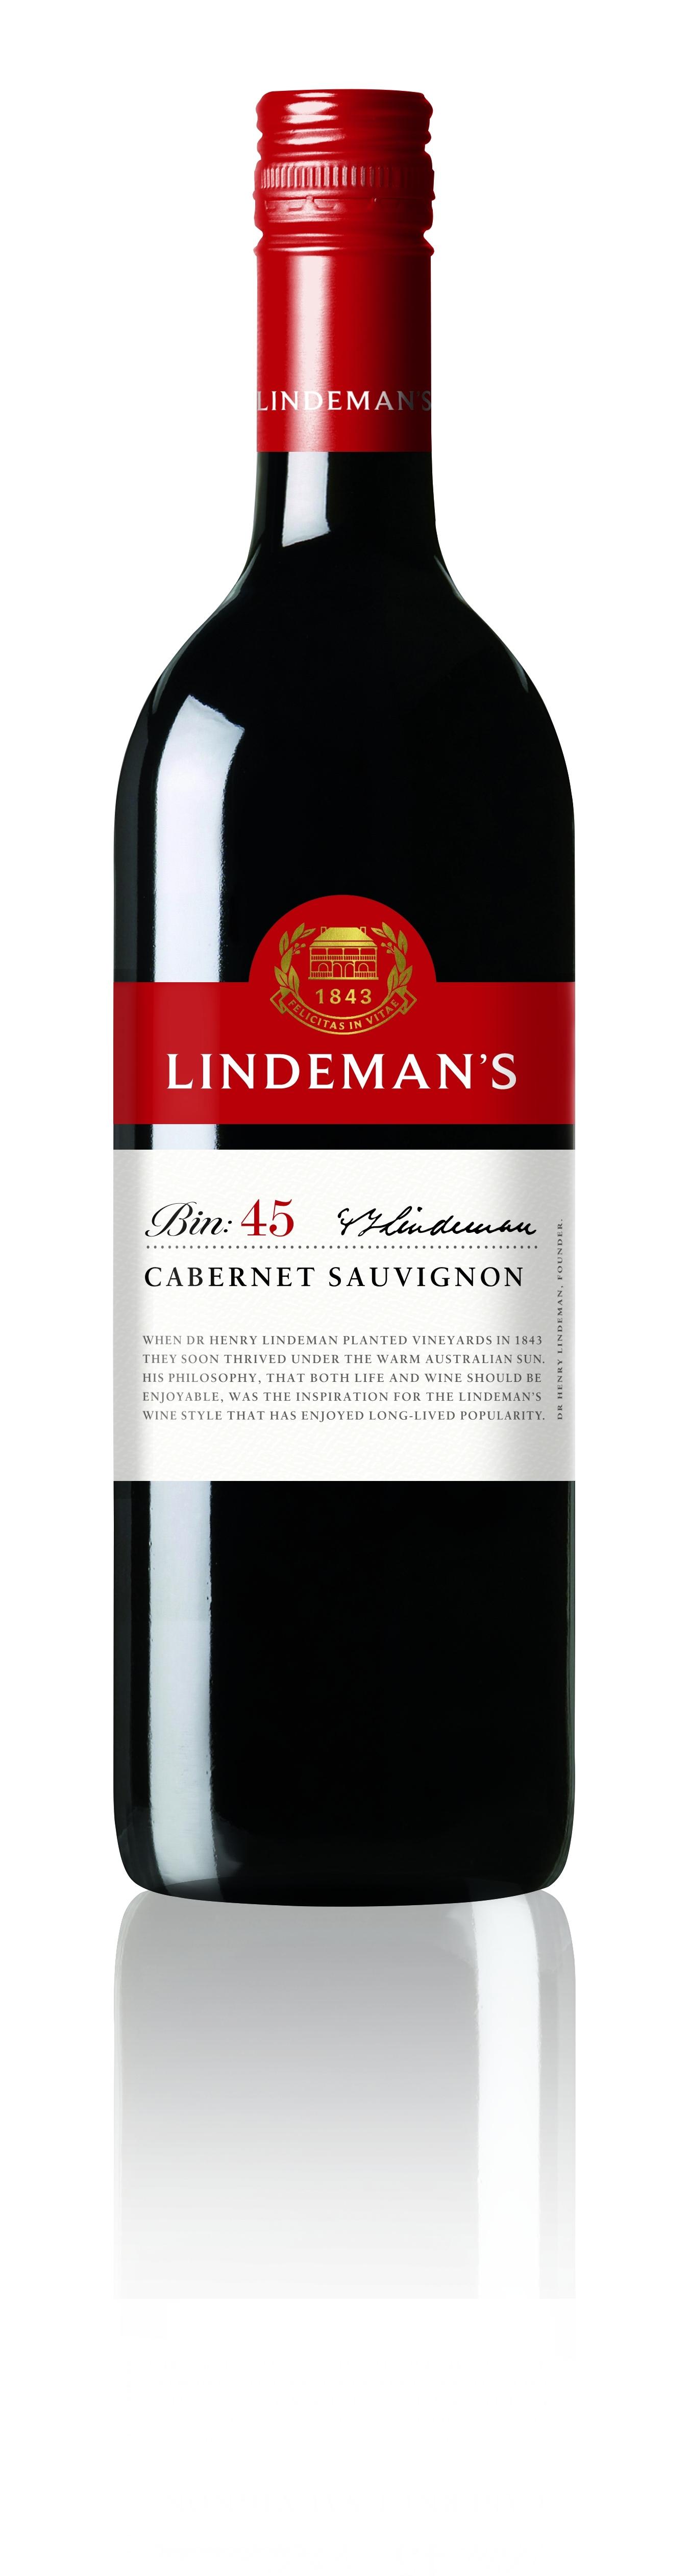 Linedemans, BIN 45, Cabernet Sauvignon, trocken, rot (Drehverschluss)